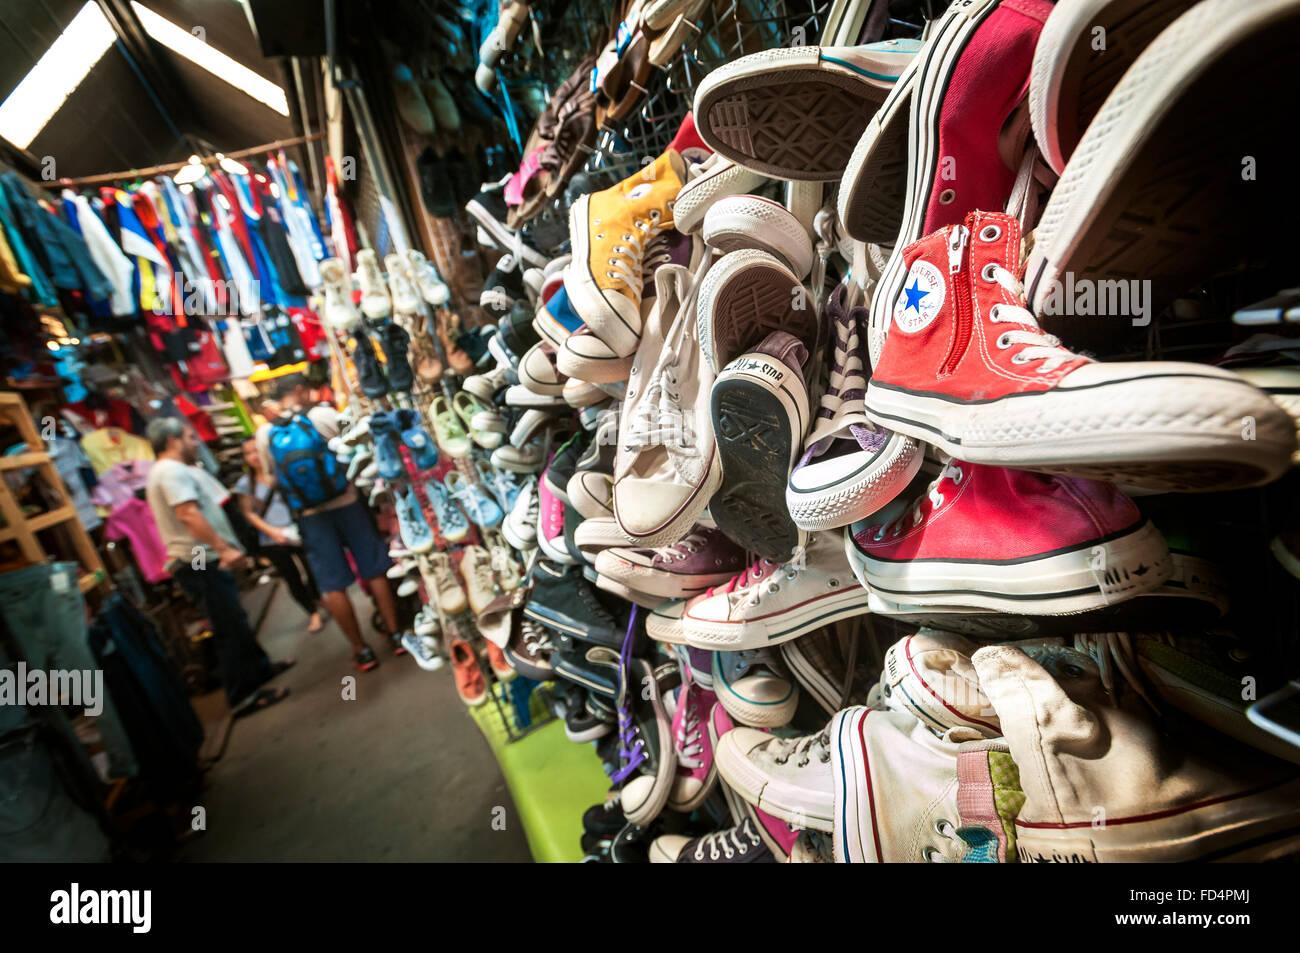 Old Converse trainers at Chatuchak Market, Bangkok - Stock Image